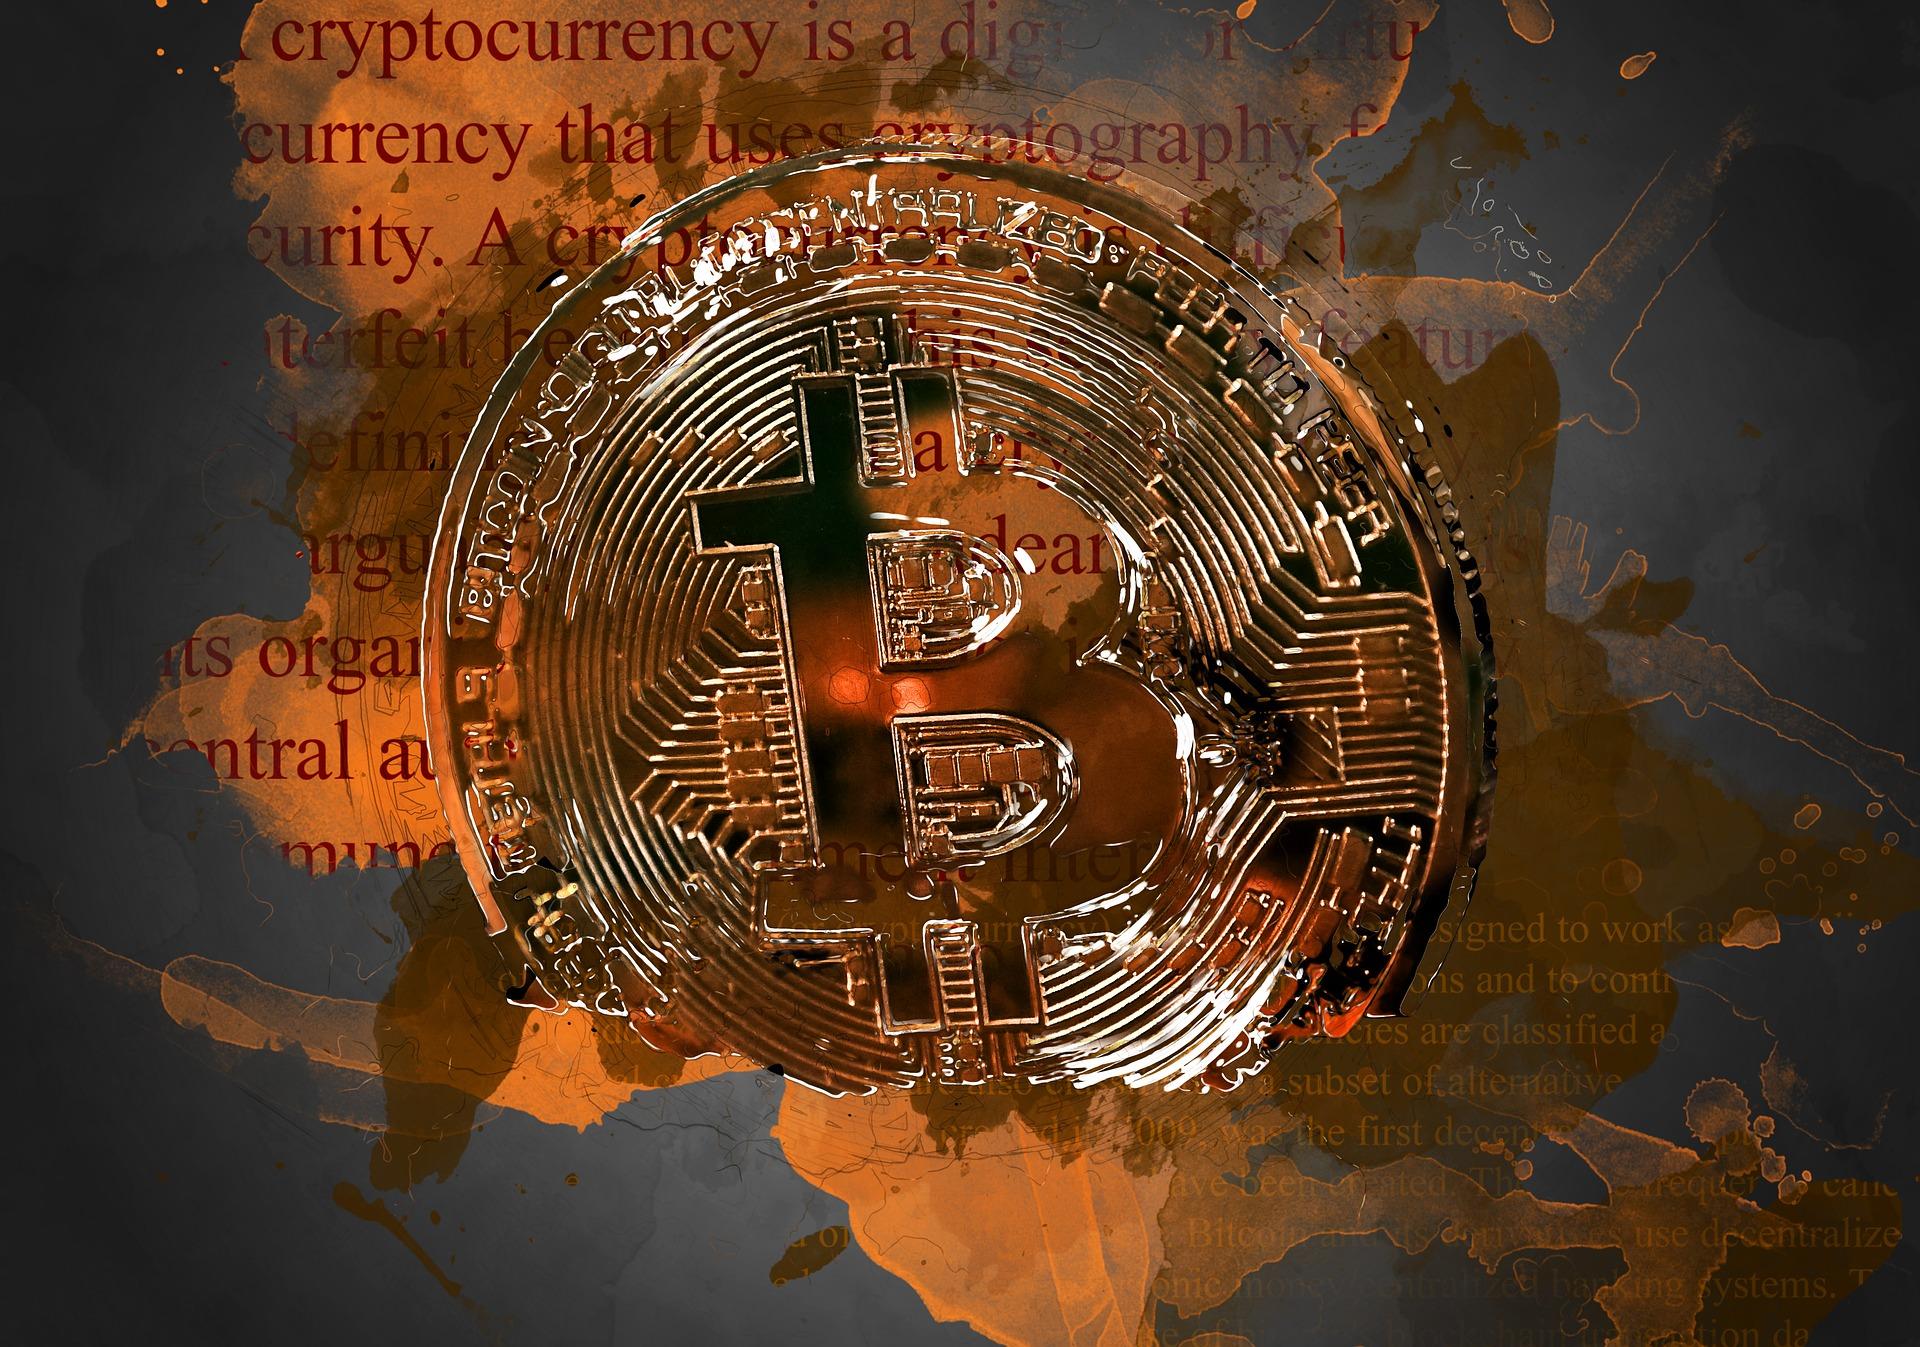 Werbegeschenk für einen Mega Sale bei Bitcoin Circuit